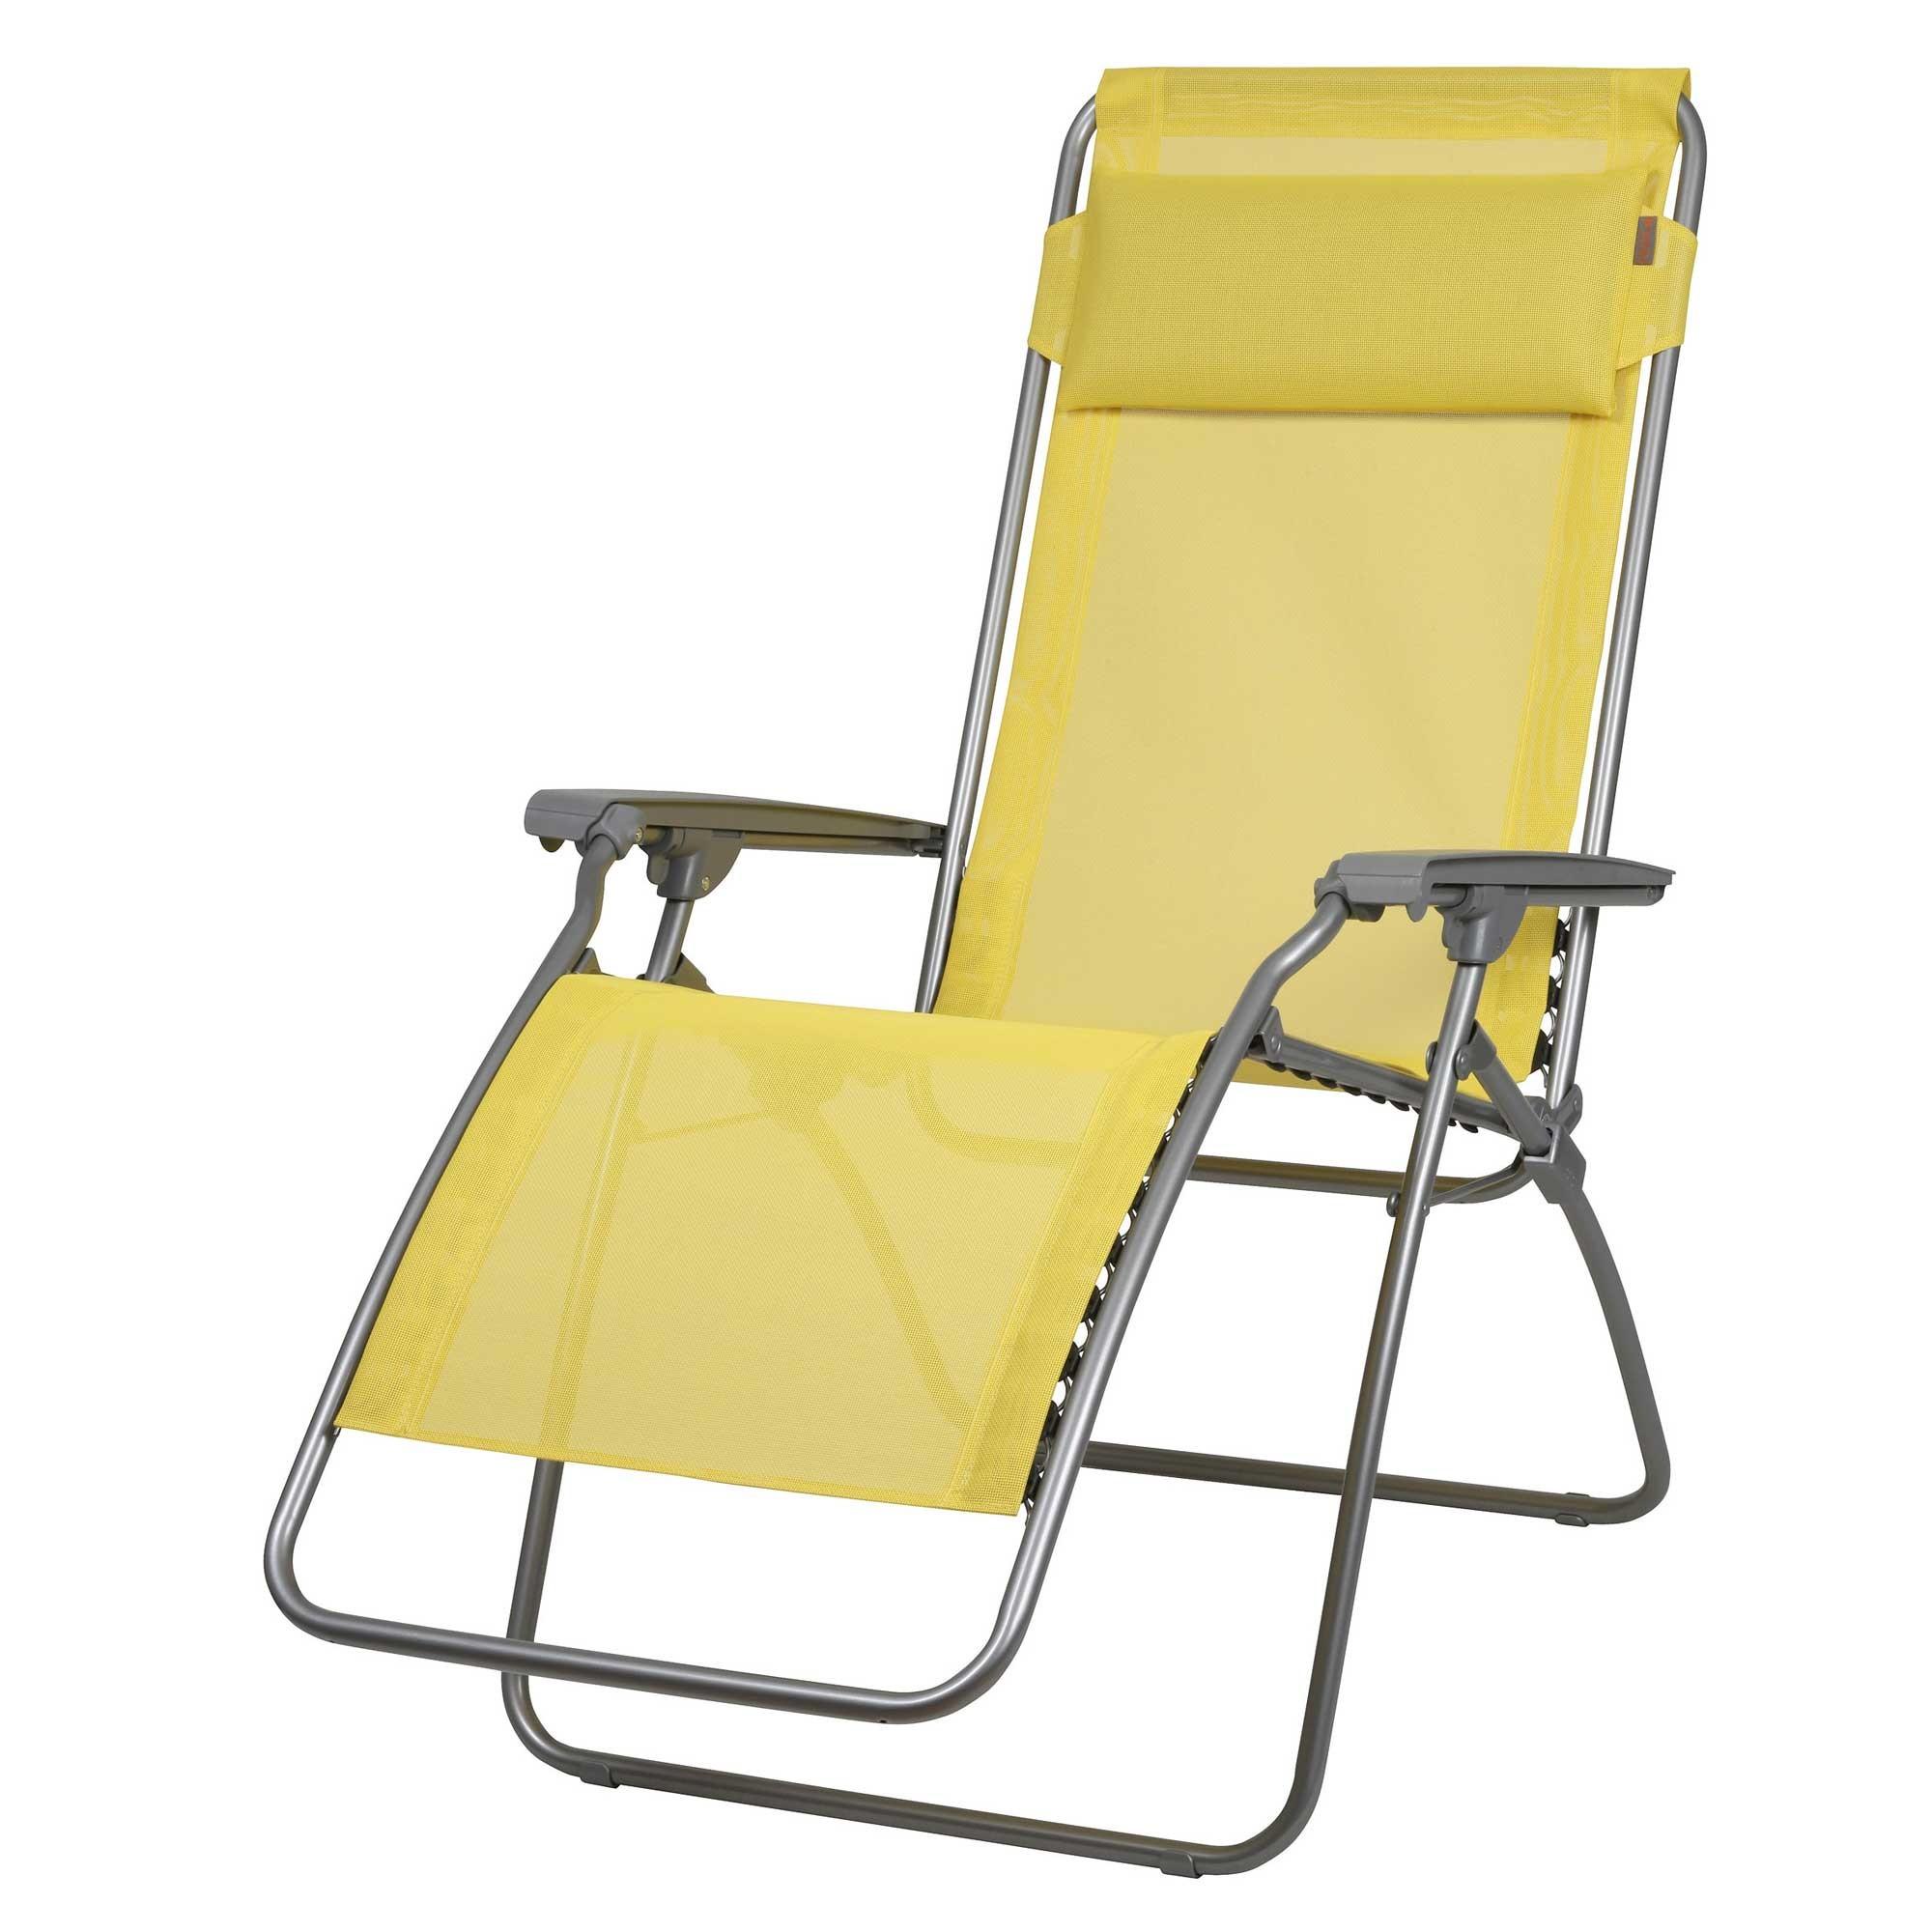 Chaise Longue Pliante D'intérieur